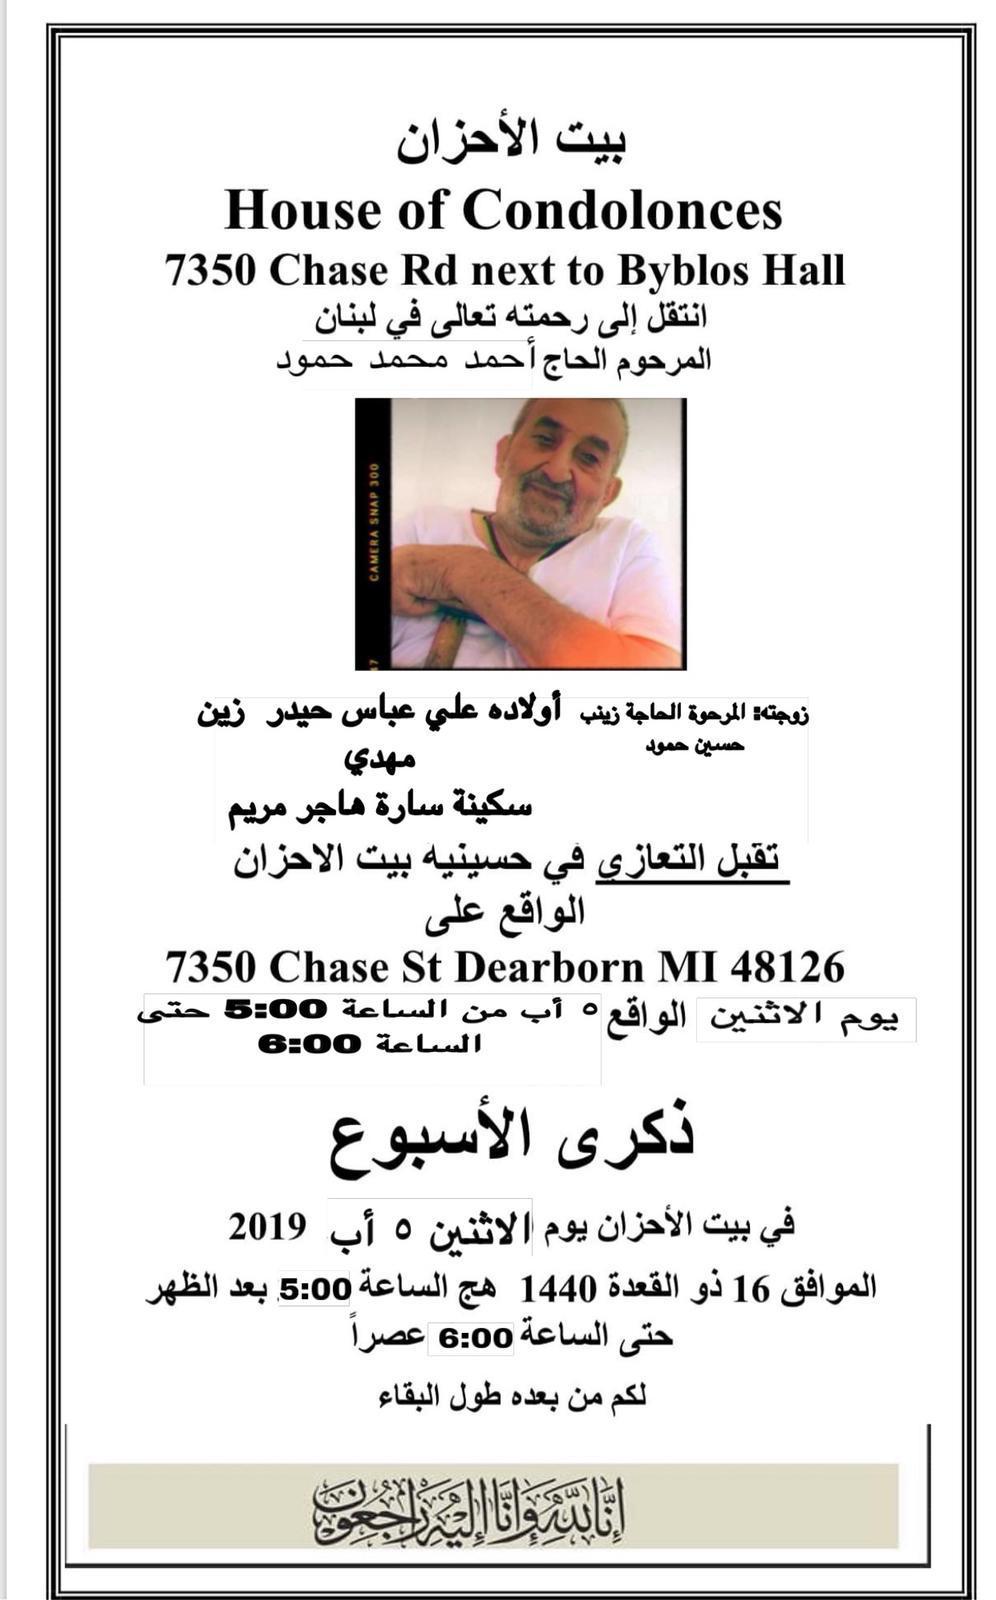 ذكرى أسبوع المرحوم الحاج أحمد محمود حمود في ديربورن